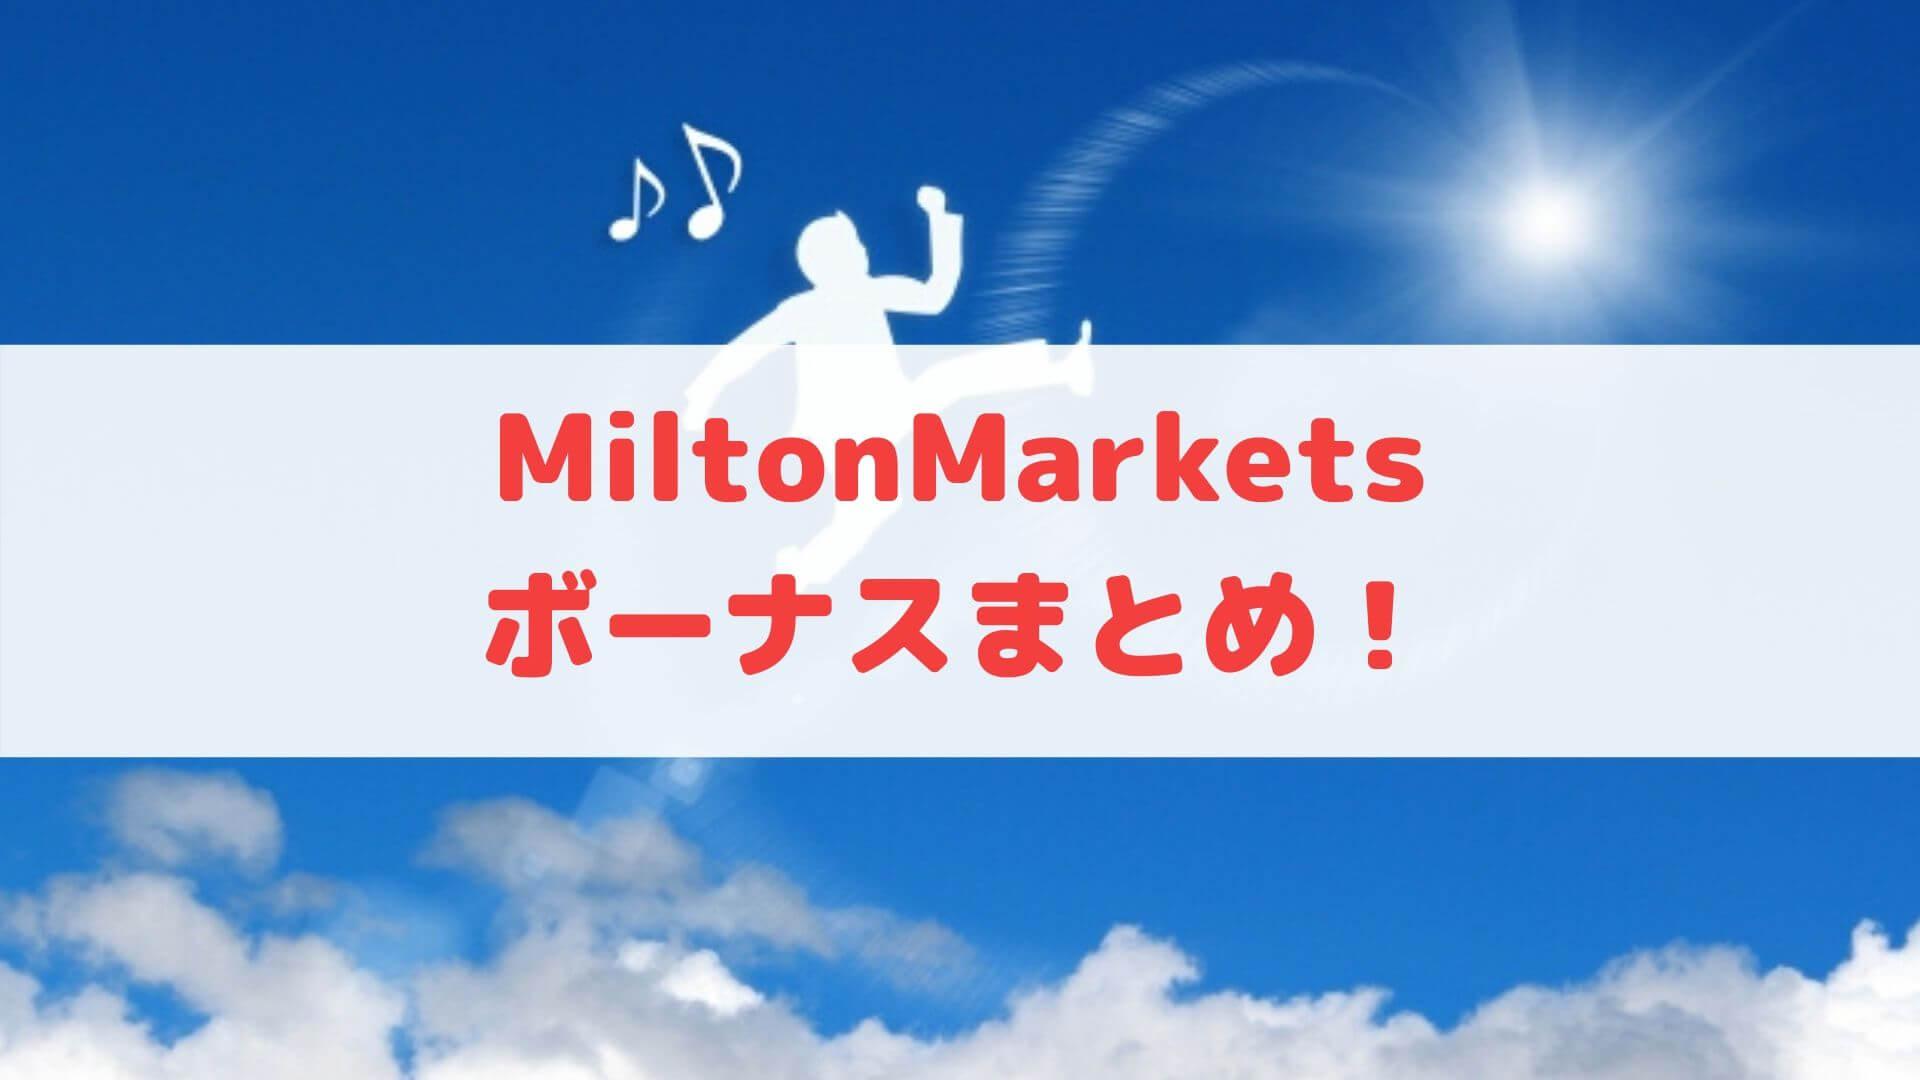 MiltonMarkets ボーナス